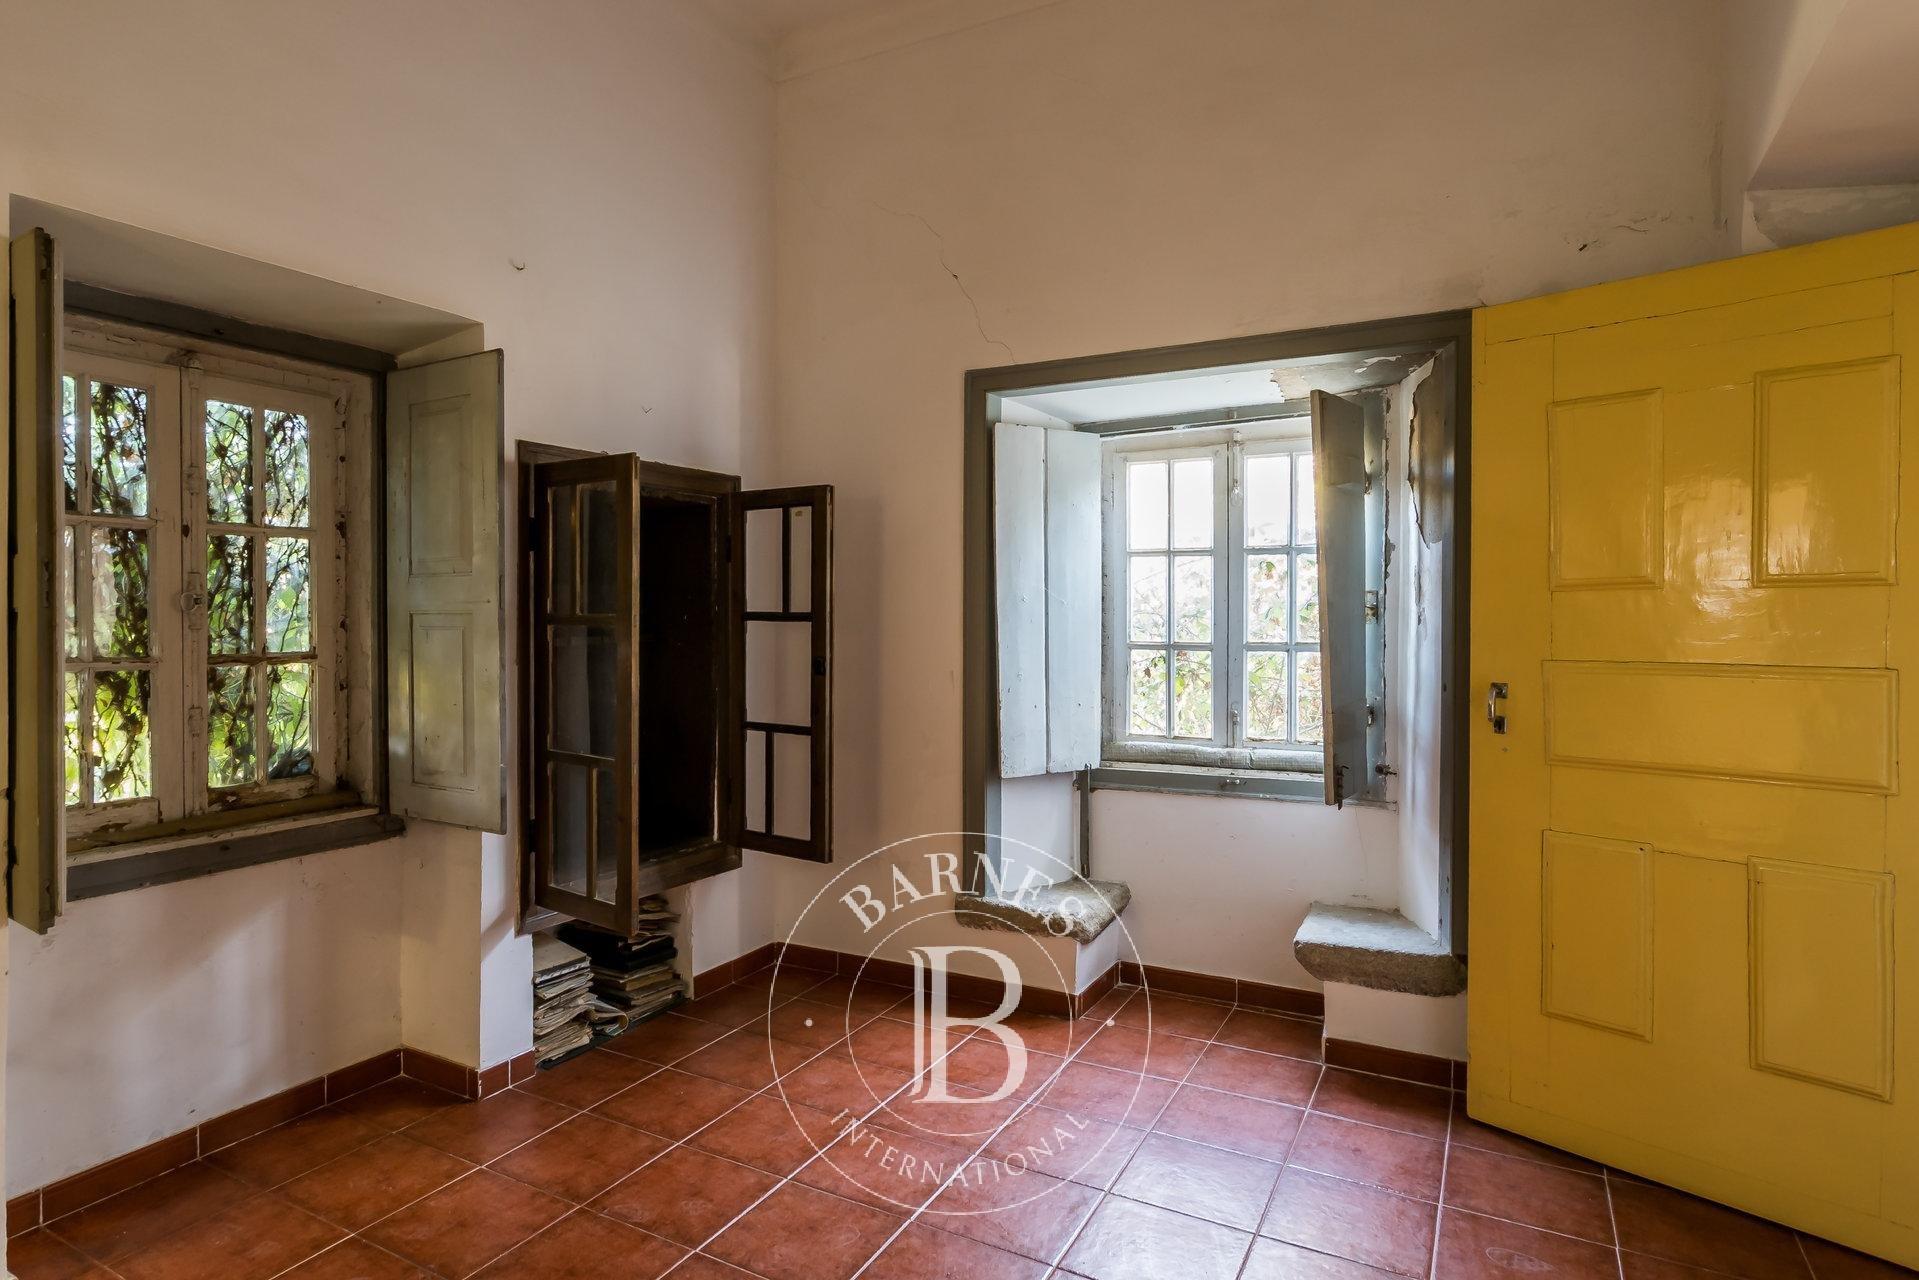 Estate in Alentejo, Montemor-o-Novo